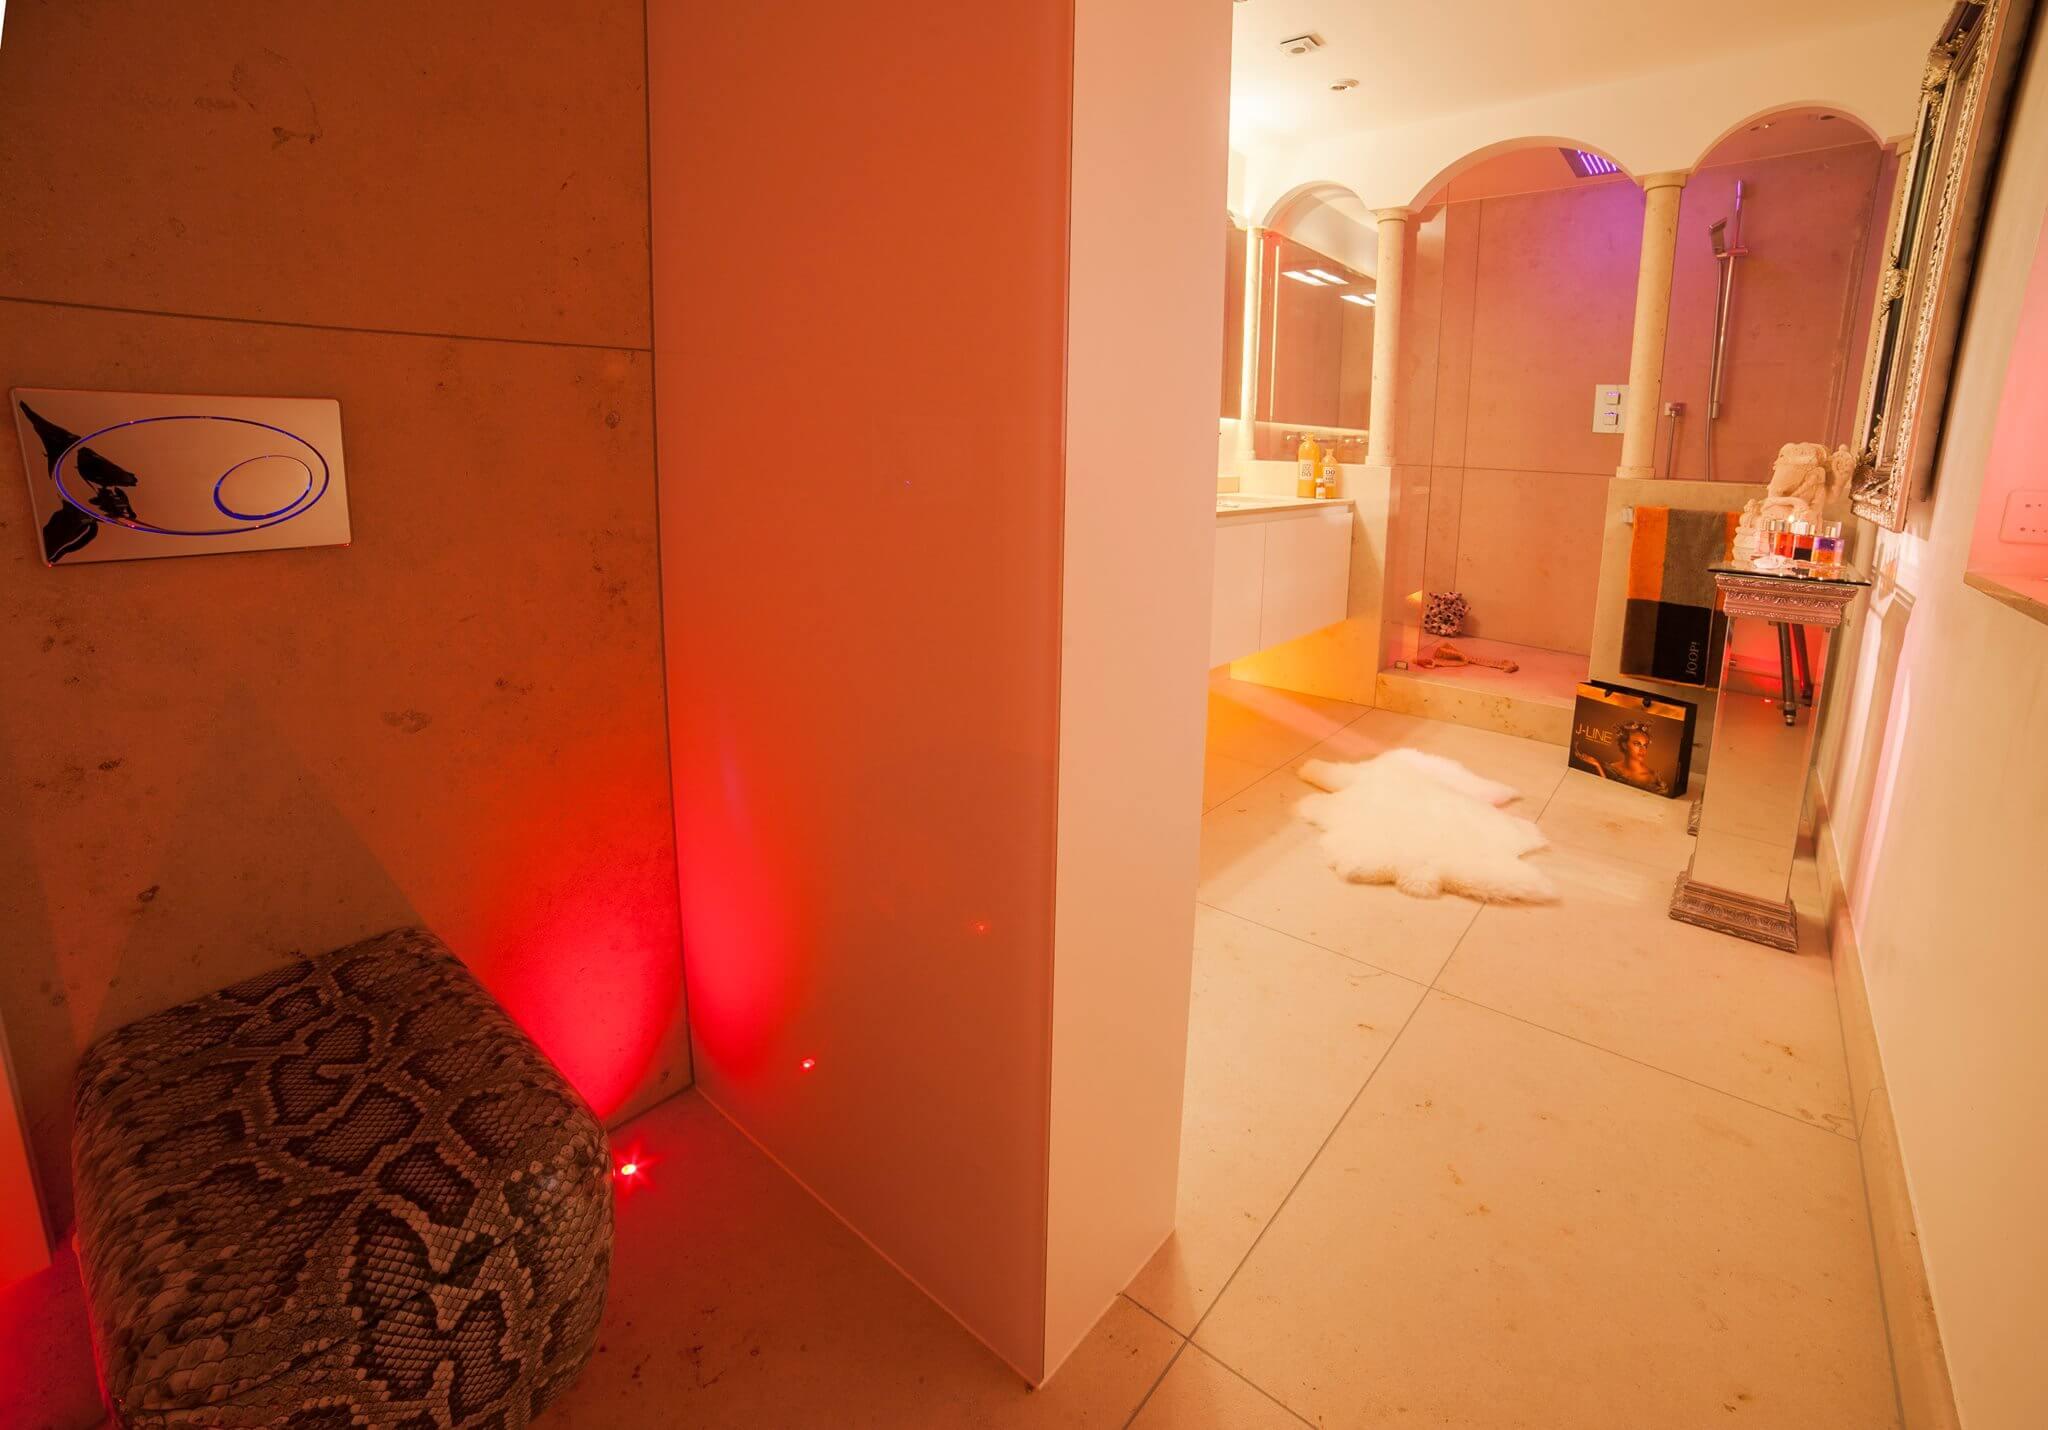 In dieser Badarchitektur für moderner Traumbäder wird ein emotionales Lichtkonzept als Teil der Badezimmer Design Badgestaltung realisiert Der Baddesigner Torsten Müller verwirklichte in dieser Badarchitektur für moderner Traumbäder auch ein emotionales Lichtkonzept als Teil der Badezimmer Design Badgestaltung, das die Stimmung der Bewohner im Bad exklusiv reflektiert. Er installierte im geräumigen Bad exklusive Schattenfugenbeleuchtungen, nutzte beim Bad Einrichten Bodenlichter und kombinierte geschickt direkte und indirekte Lichtquellen miteinander, um beste Badezimmer Effekte zu erzielen. Dieses einmalige Lichtdesign für mediterrane Bäder wird natürlich digital über die innovative KNX-Haus-Bustechnik gesteuert, die auch in Bäderausstellung des Bad Designers in Bad Honnef oder jener der Bäder München genauer unter die Lupe genommen werden kann.